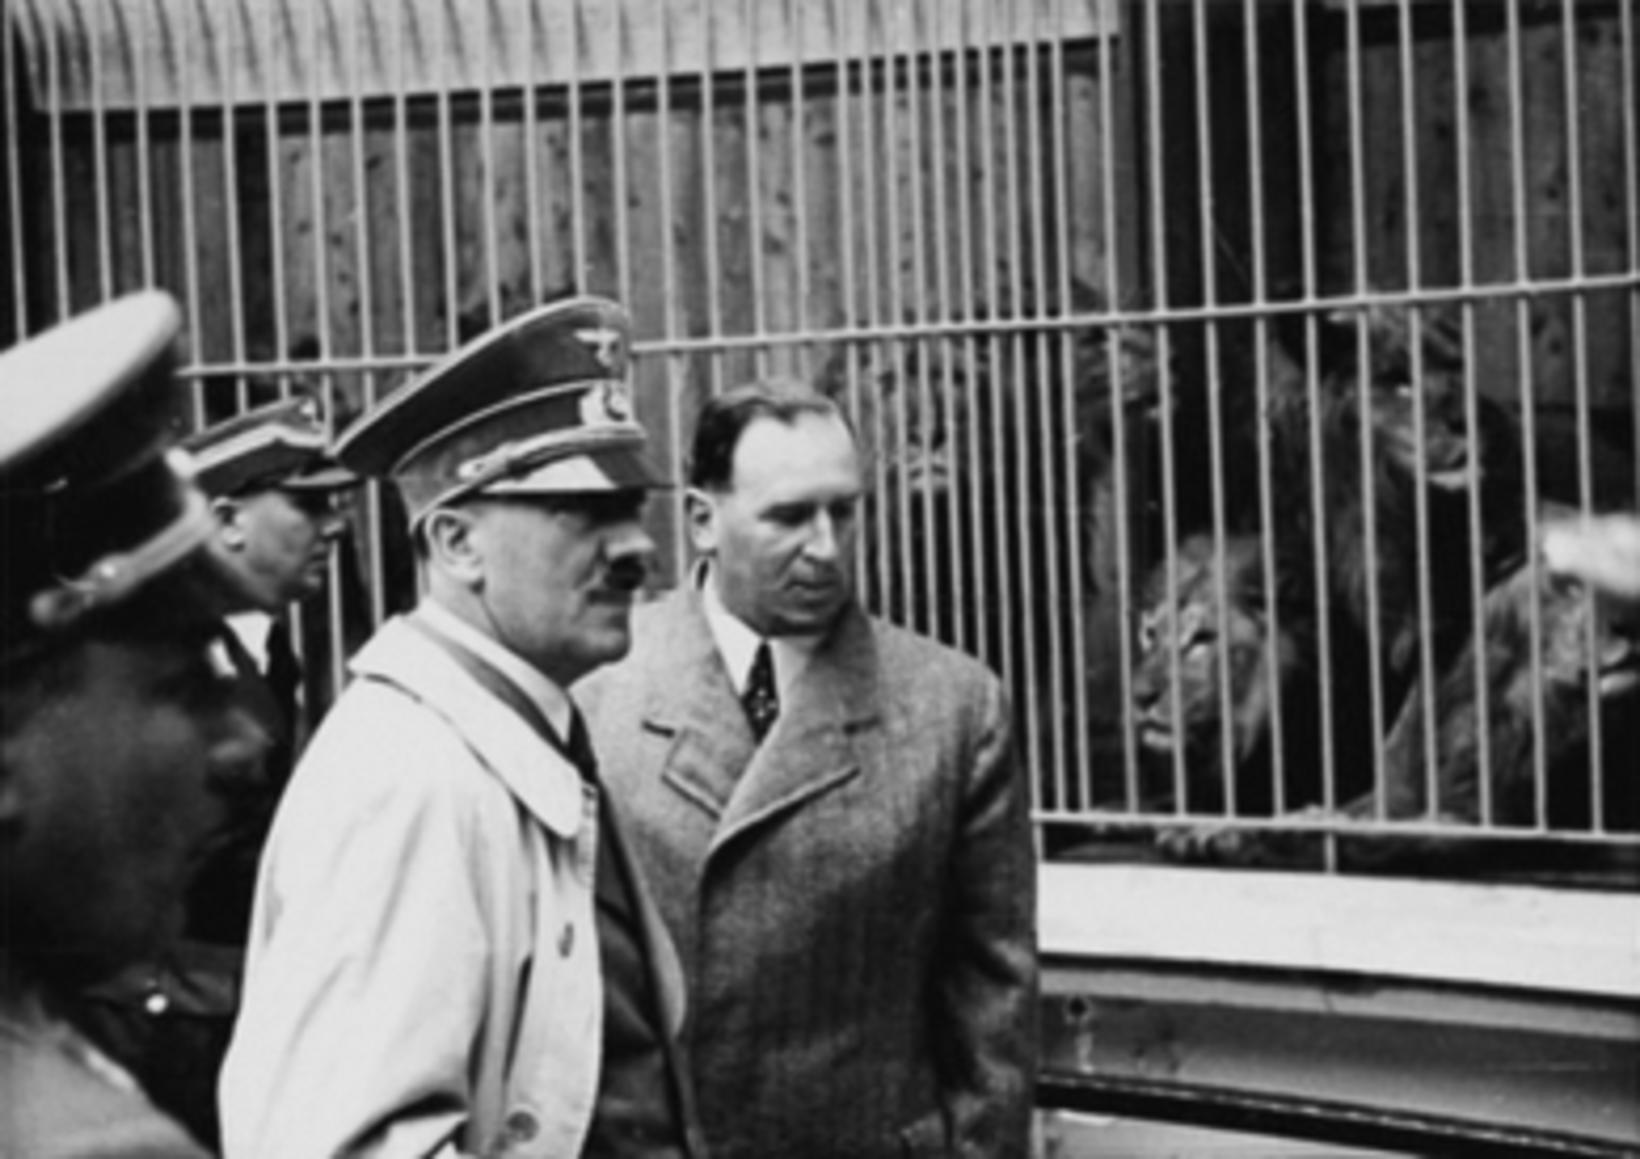 Adolf Hitler sést hér ásamt borgarstjóranum Willy Liebel í dýragarðinum …